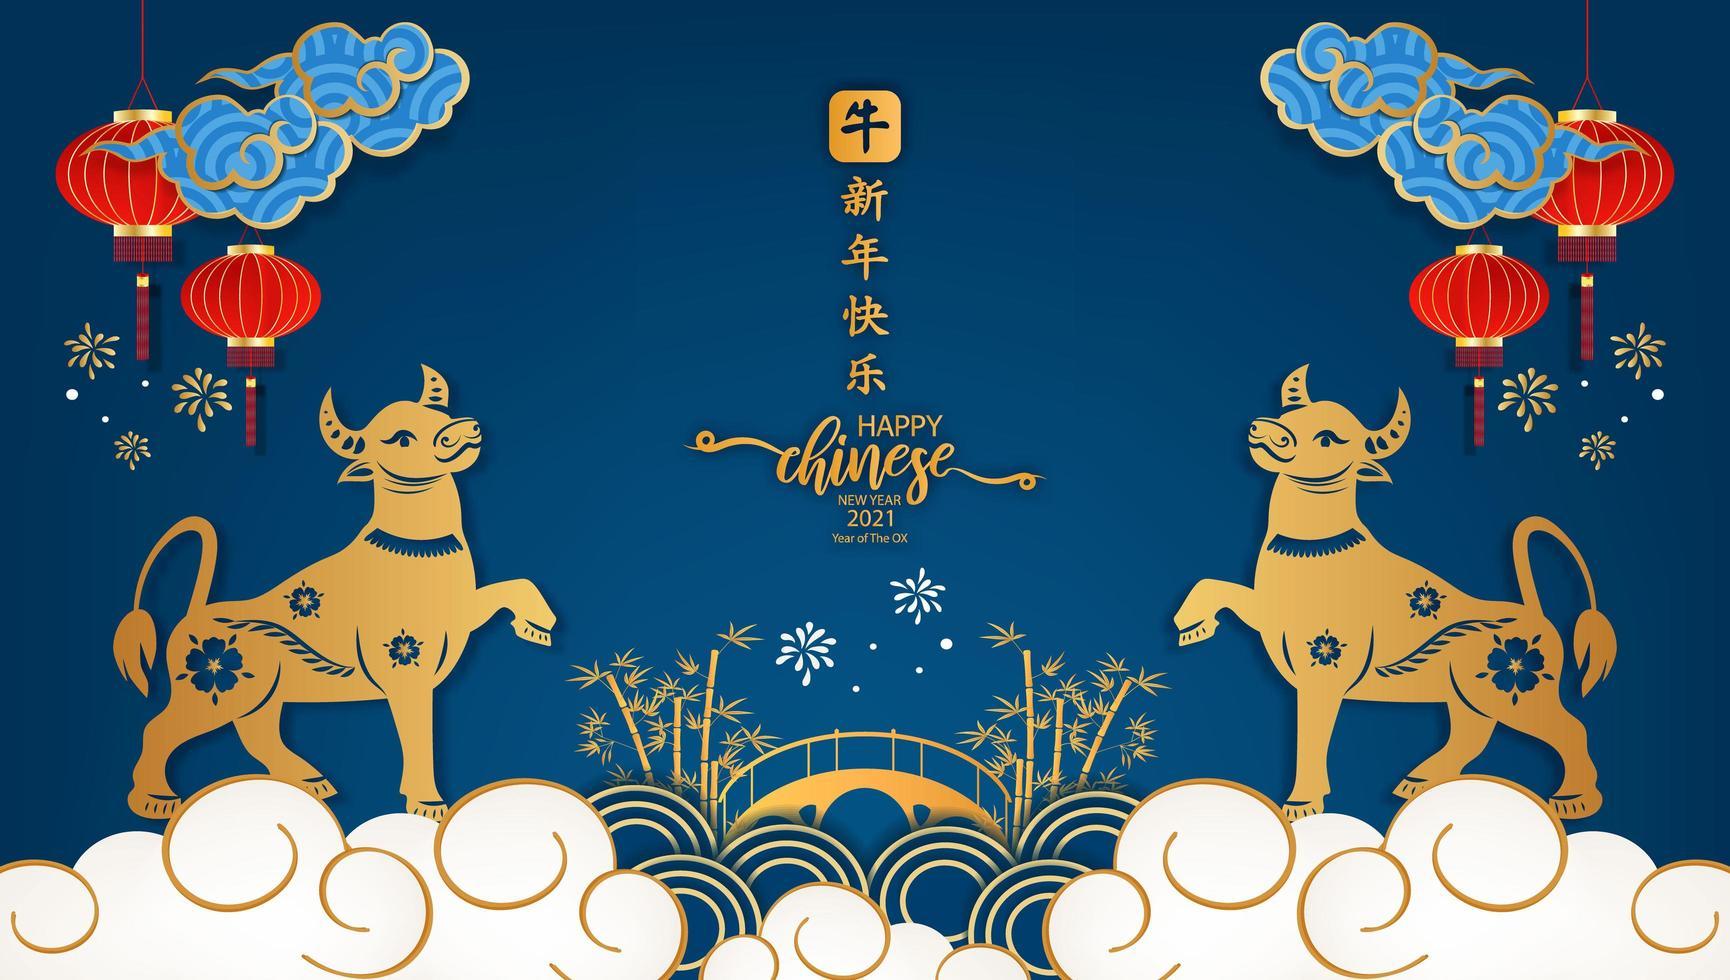 gelukkig chinees nieuw jaar 2021. jaar van os charector bambool met aziatische stijl. chinese vertaling is gelukkig chinees nieuwjaar. vector